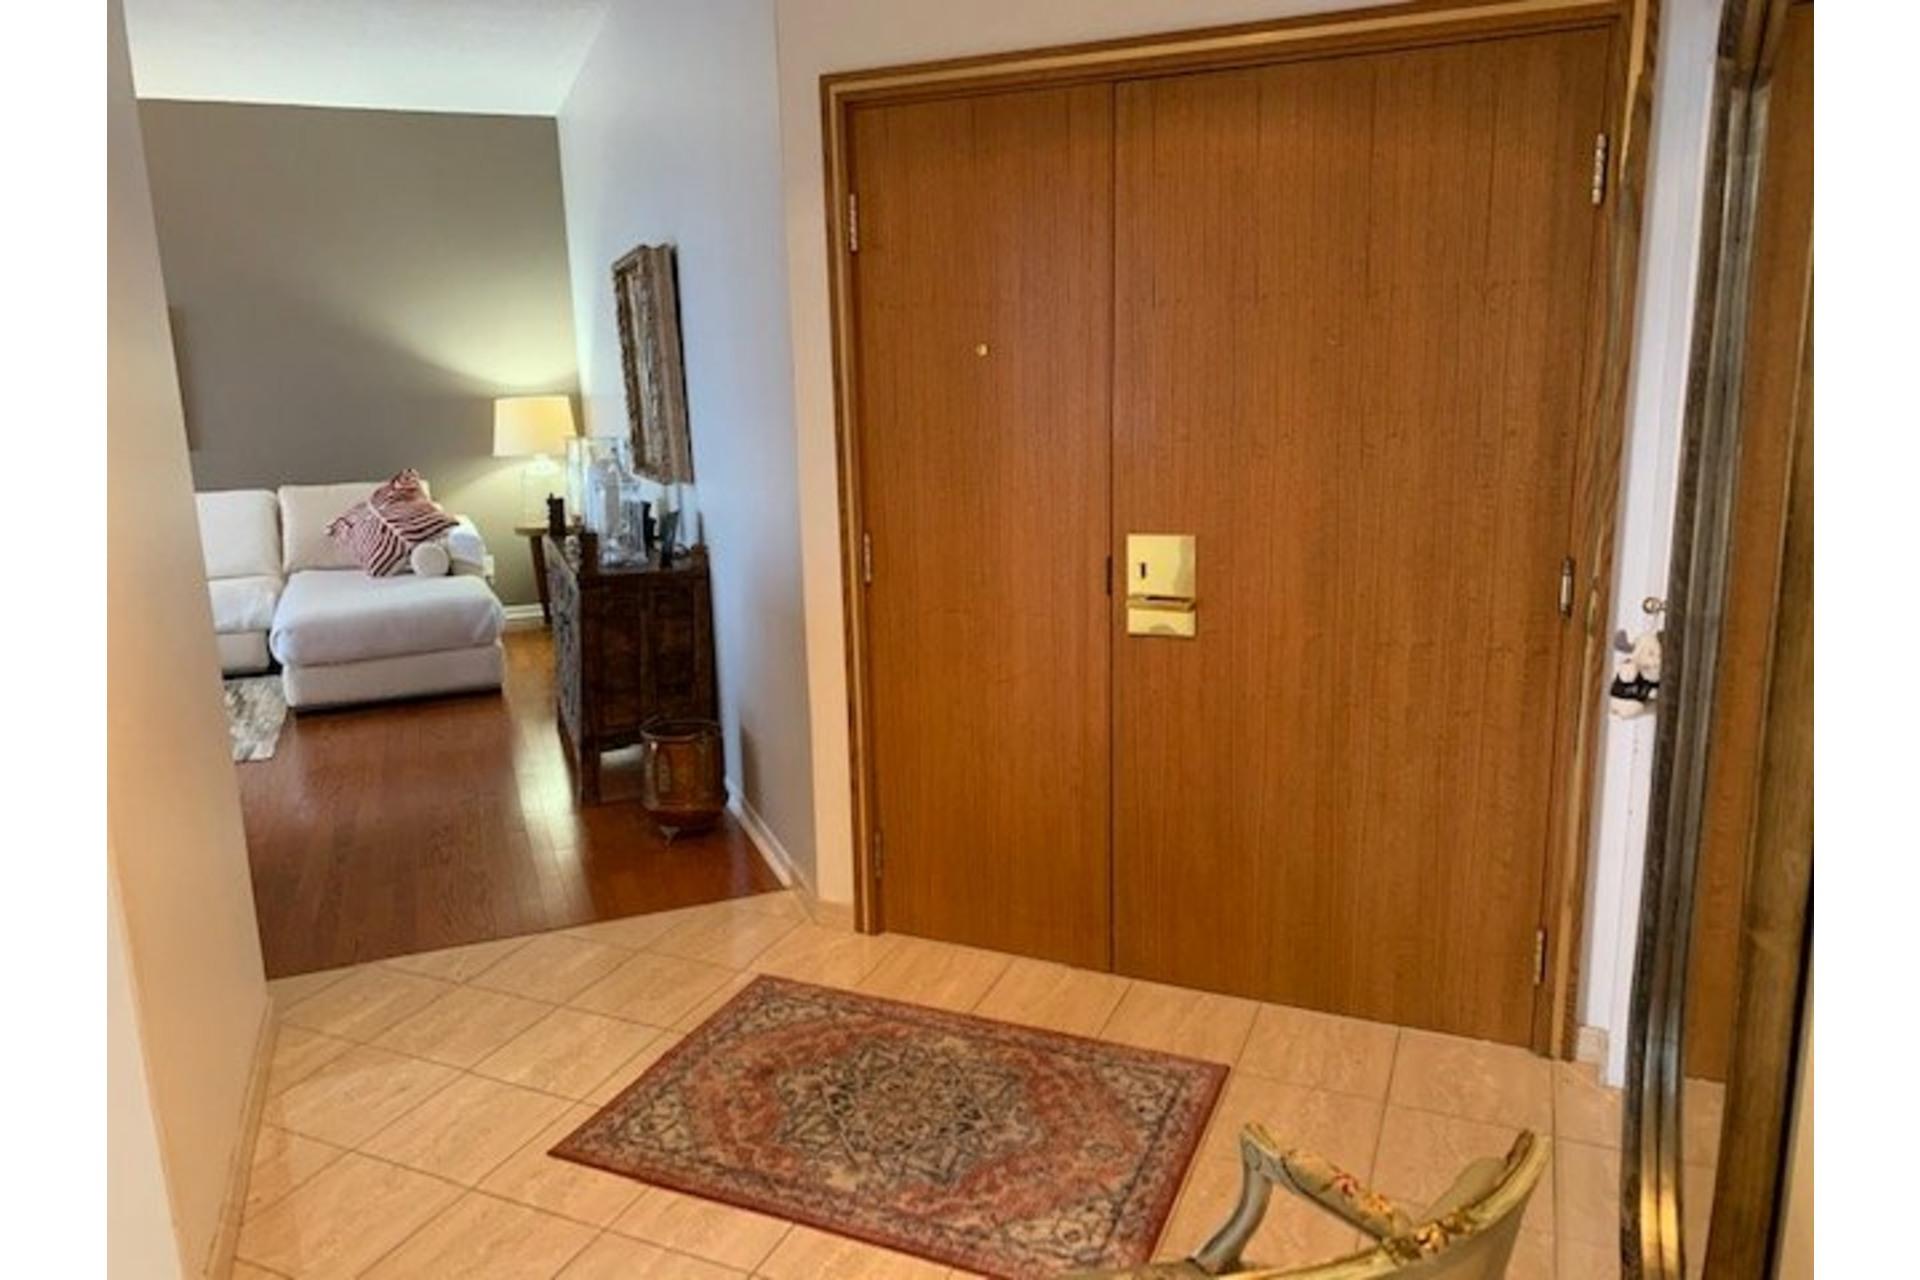 image 6 - Apartment For sale Côte-des-Neiges/Notre-Dame-de-Grâce Montréal  - 5 rooms